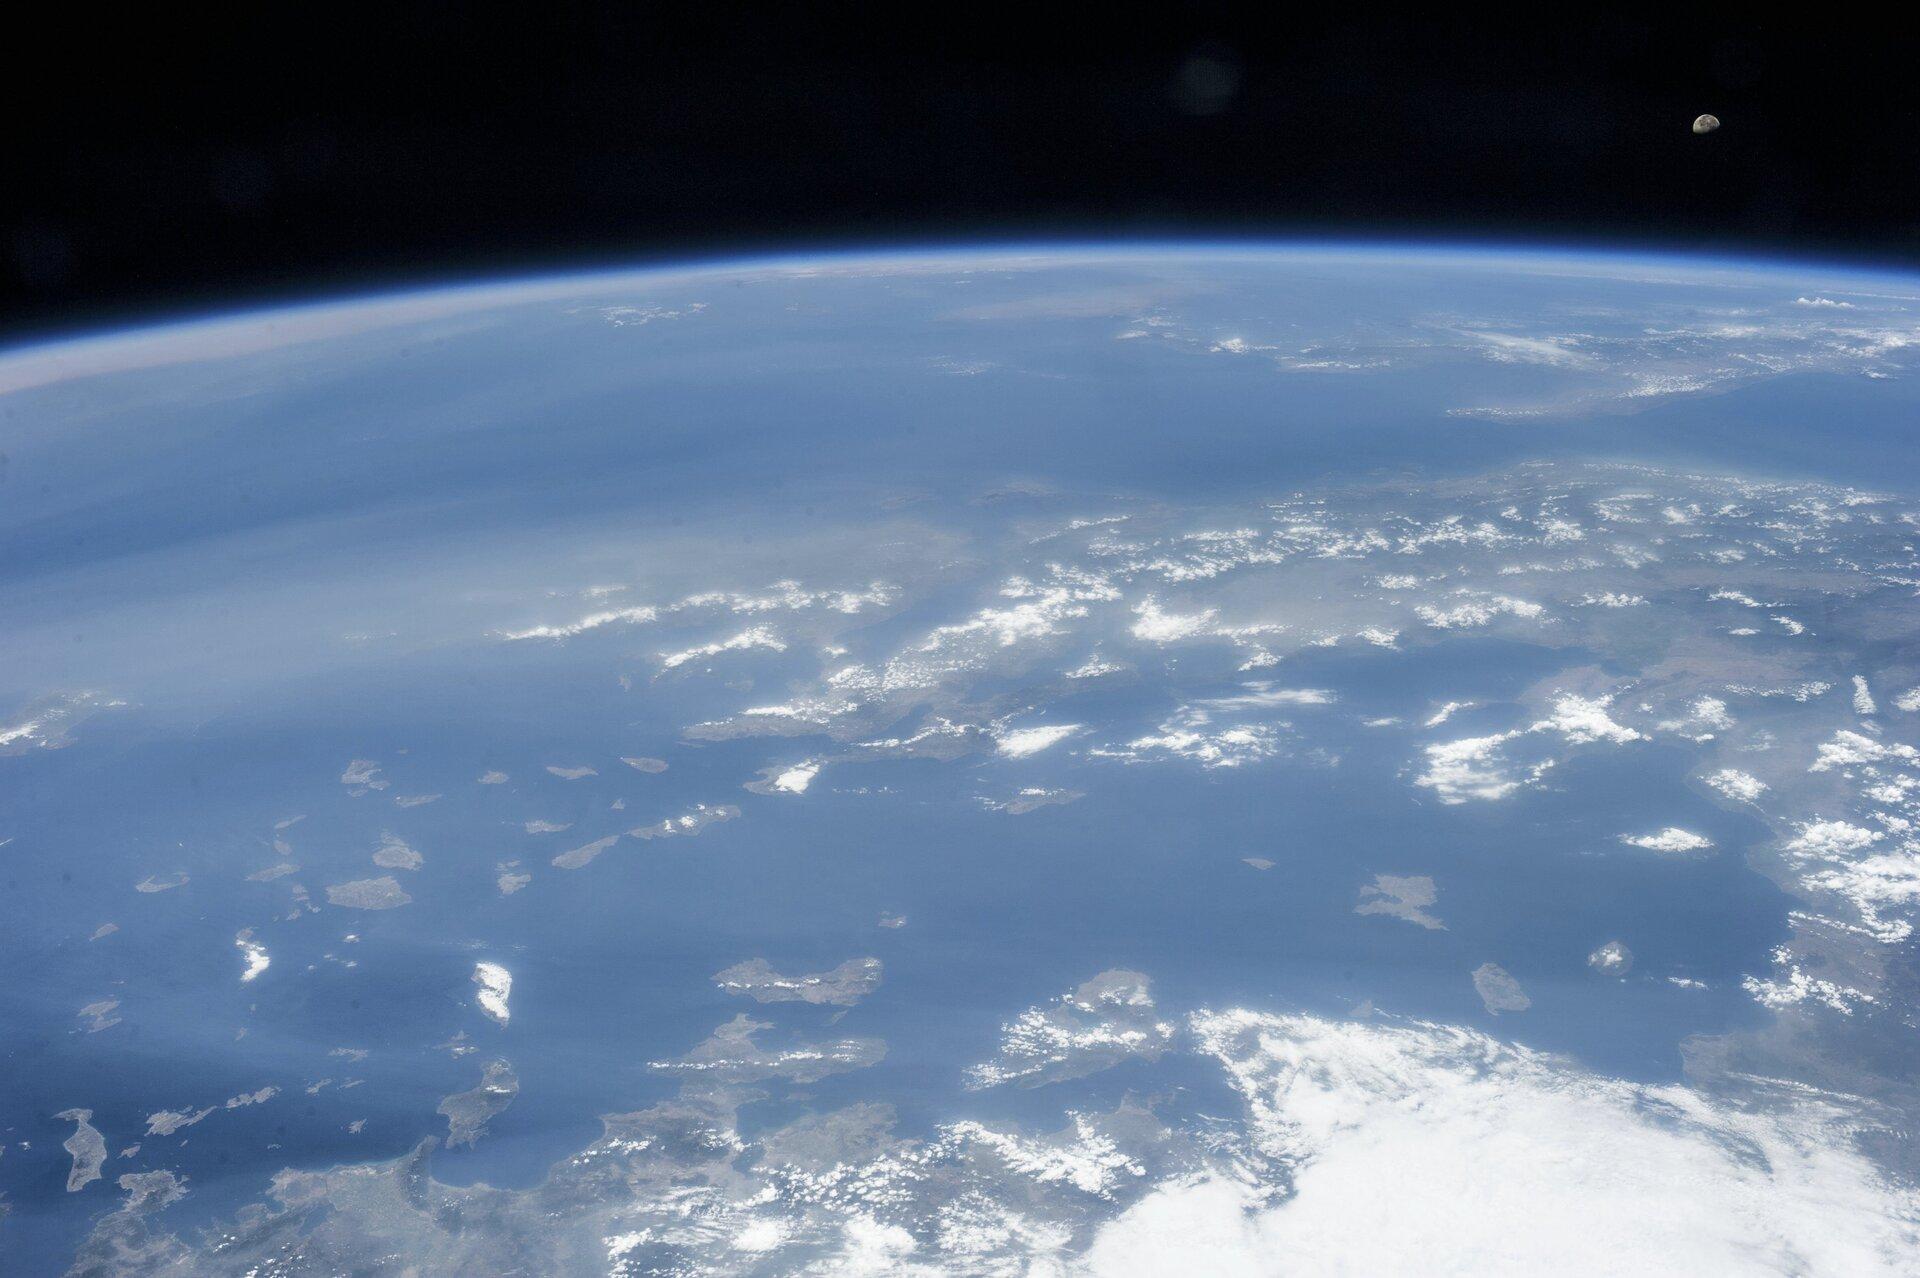 Zdjęcie przedstawia fragment powierzchni Ziemi sfotografowany zorbity. Wcentralnej idolnej części kadru obszar mórz poprzecinanych skrawkami lądu, wczęści górnej zakrzywiona linia horyzontu zniebieskim paskiem atmosfery nad którą rozpościera się czerń kosmosu. Wprawym górnym rogu kadru mały Księżyc.